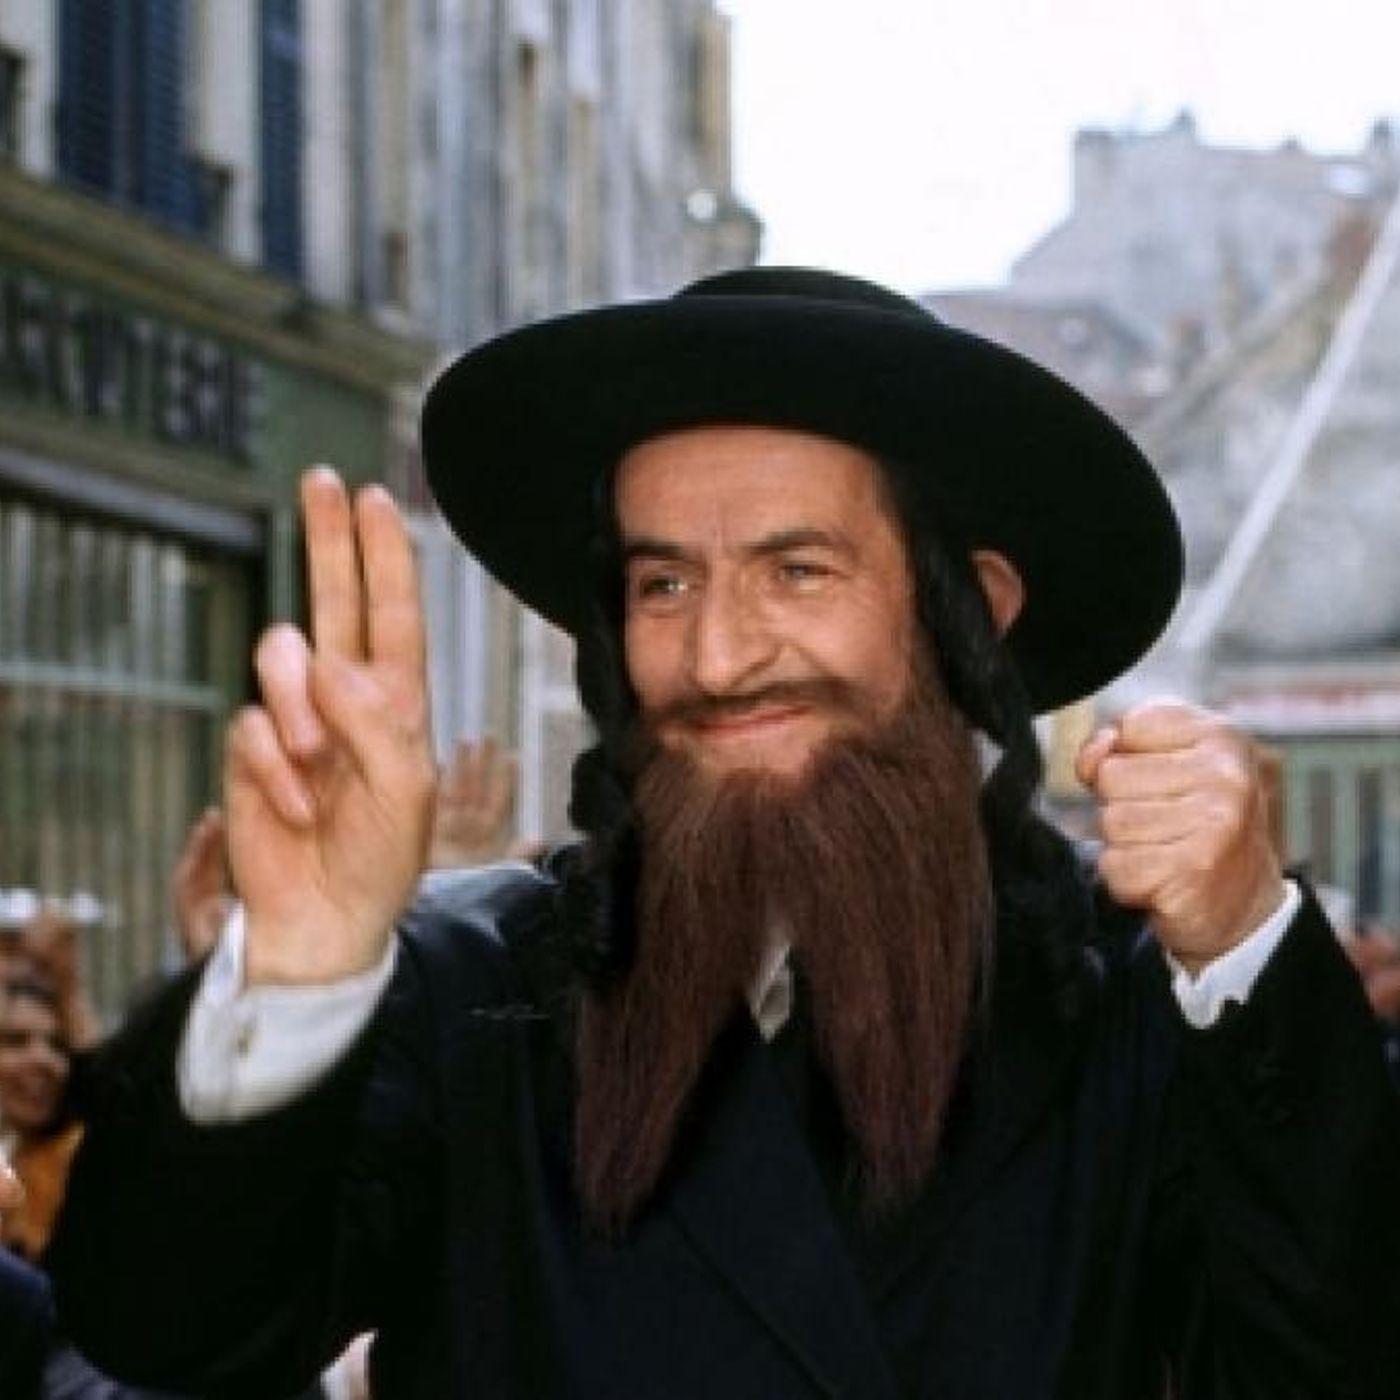 FEUILLETON DE FUNES 27 - Rabbi Jacob | 2ème partie